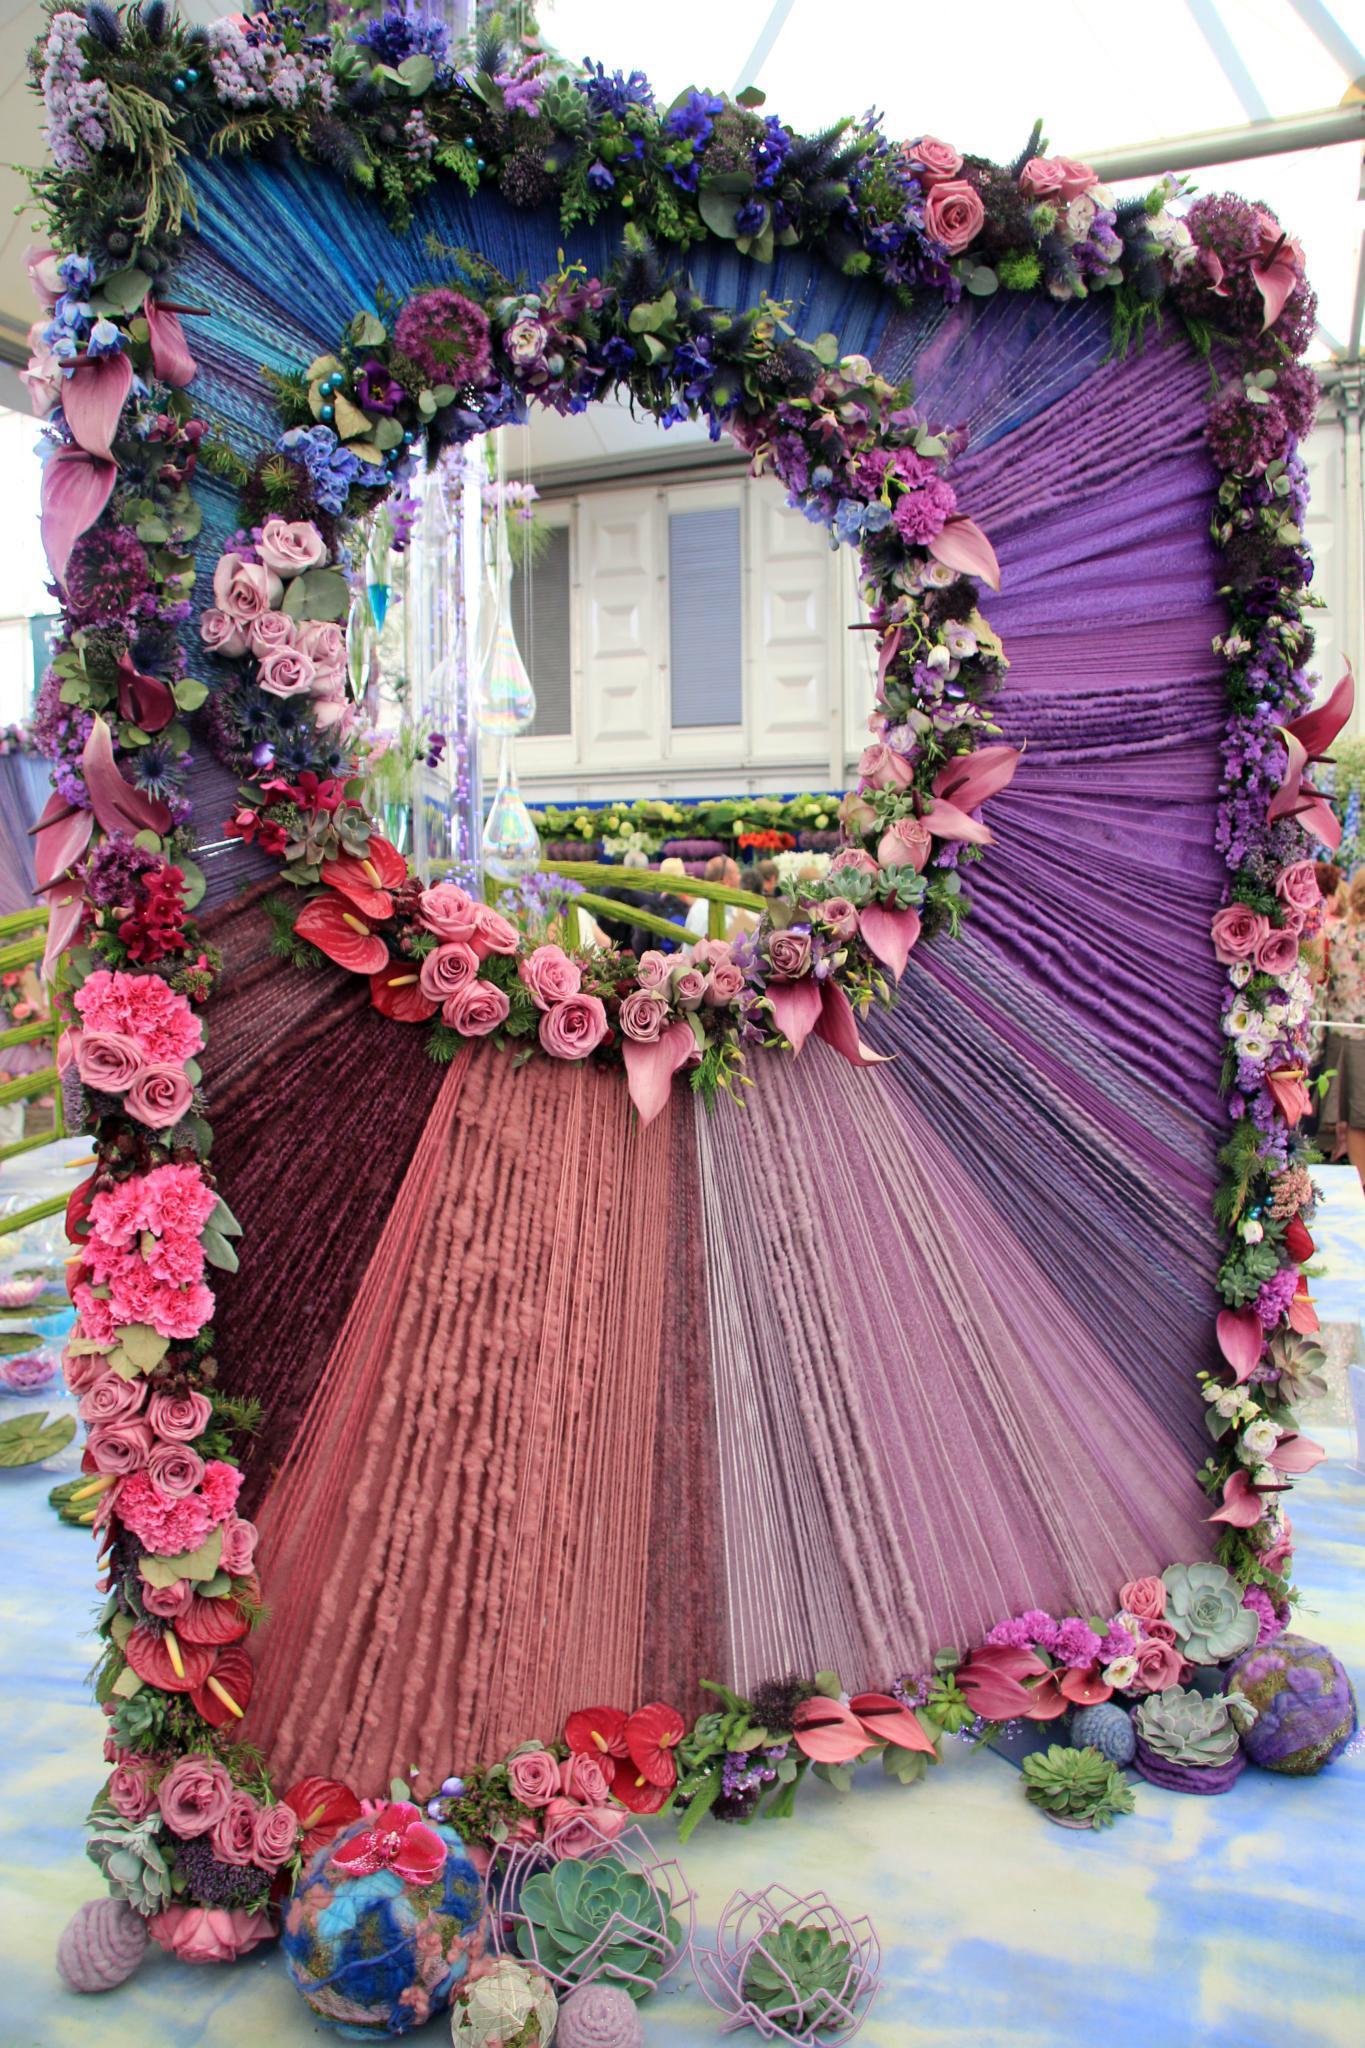 Eventi, 5 eventi imperdibili, Fiori, Giardino, Ispirazione, Trend, RSH Chelsea Flower Show